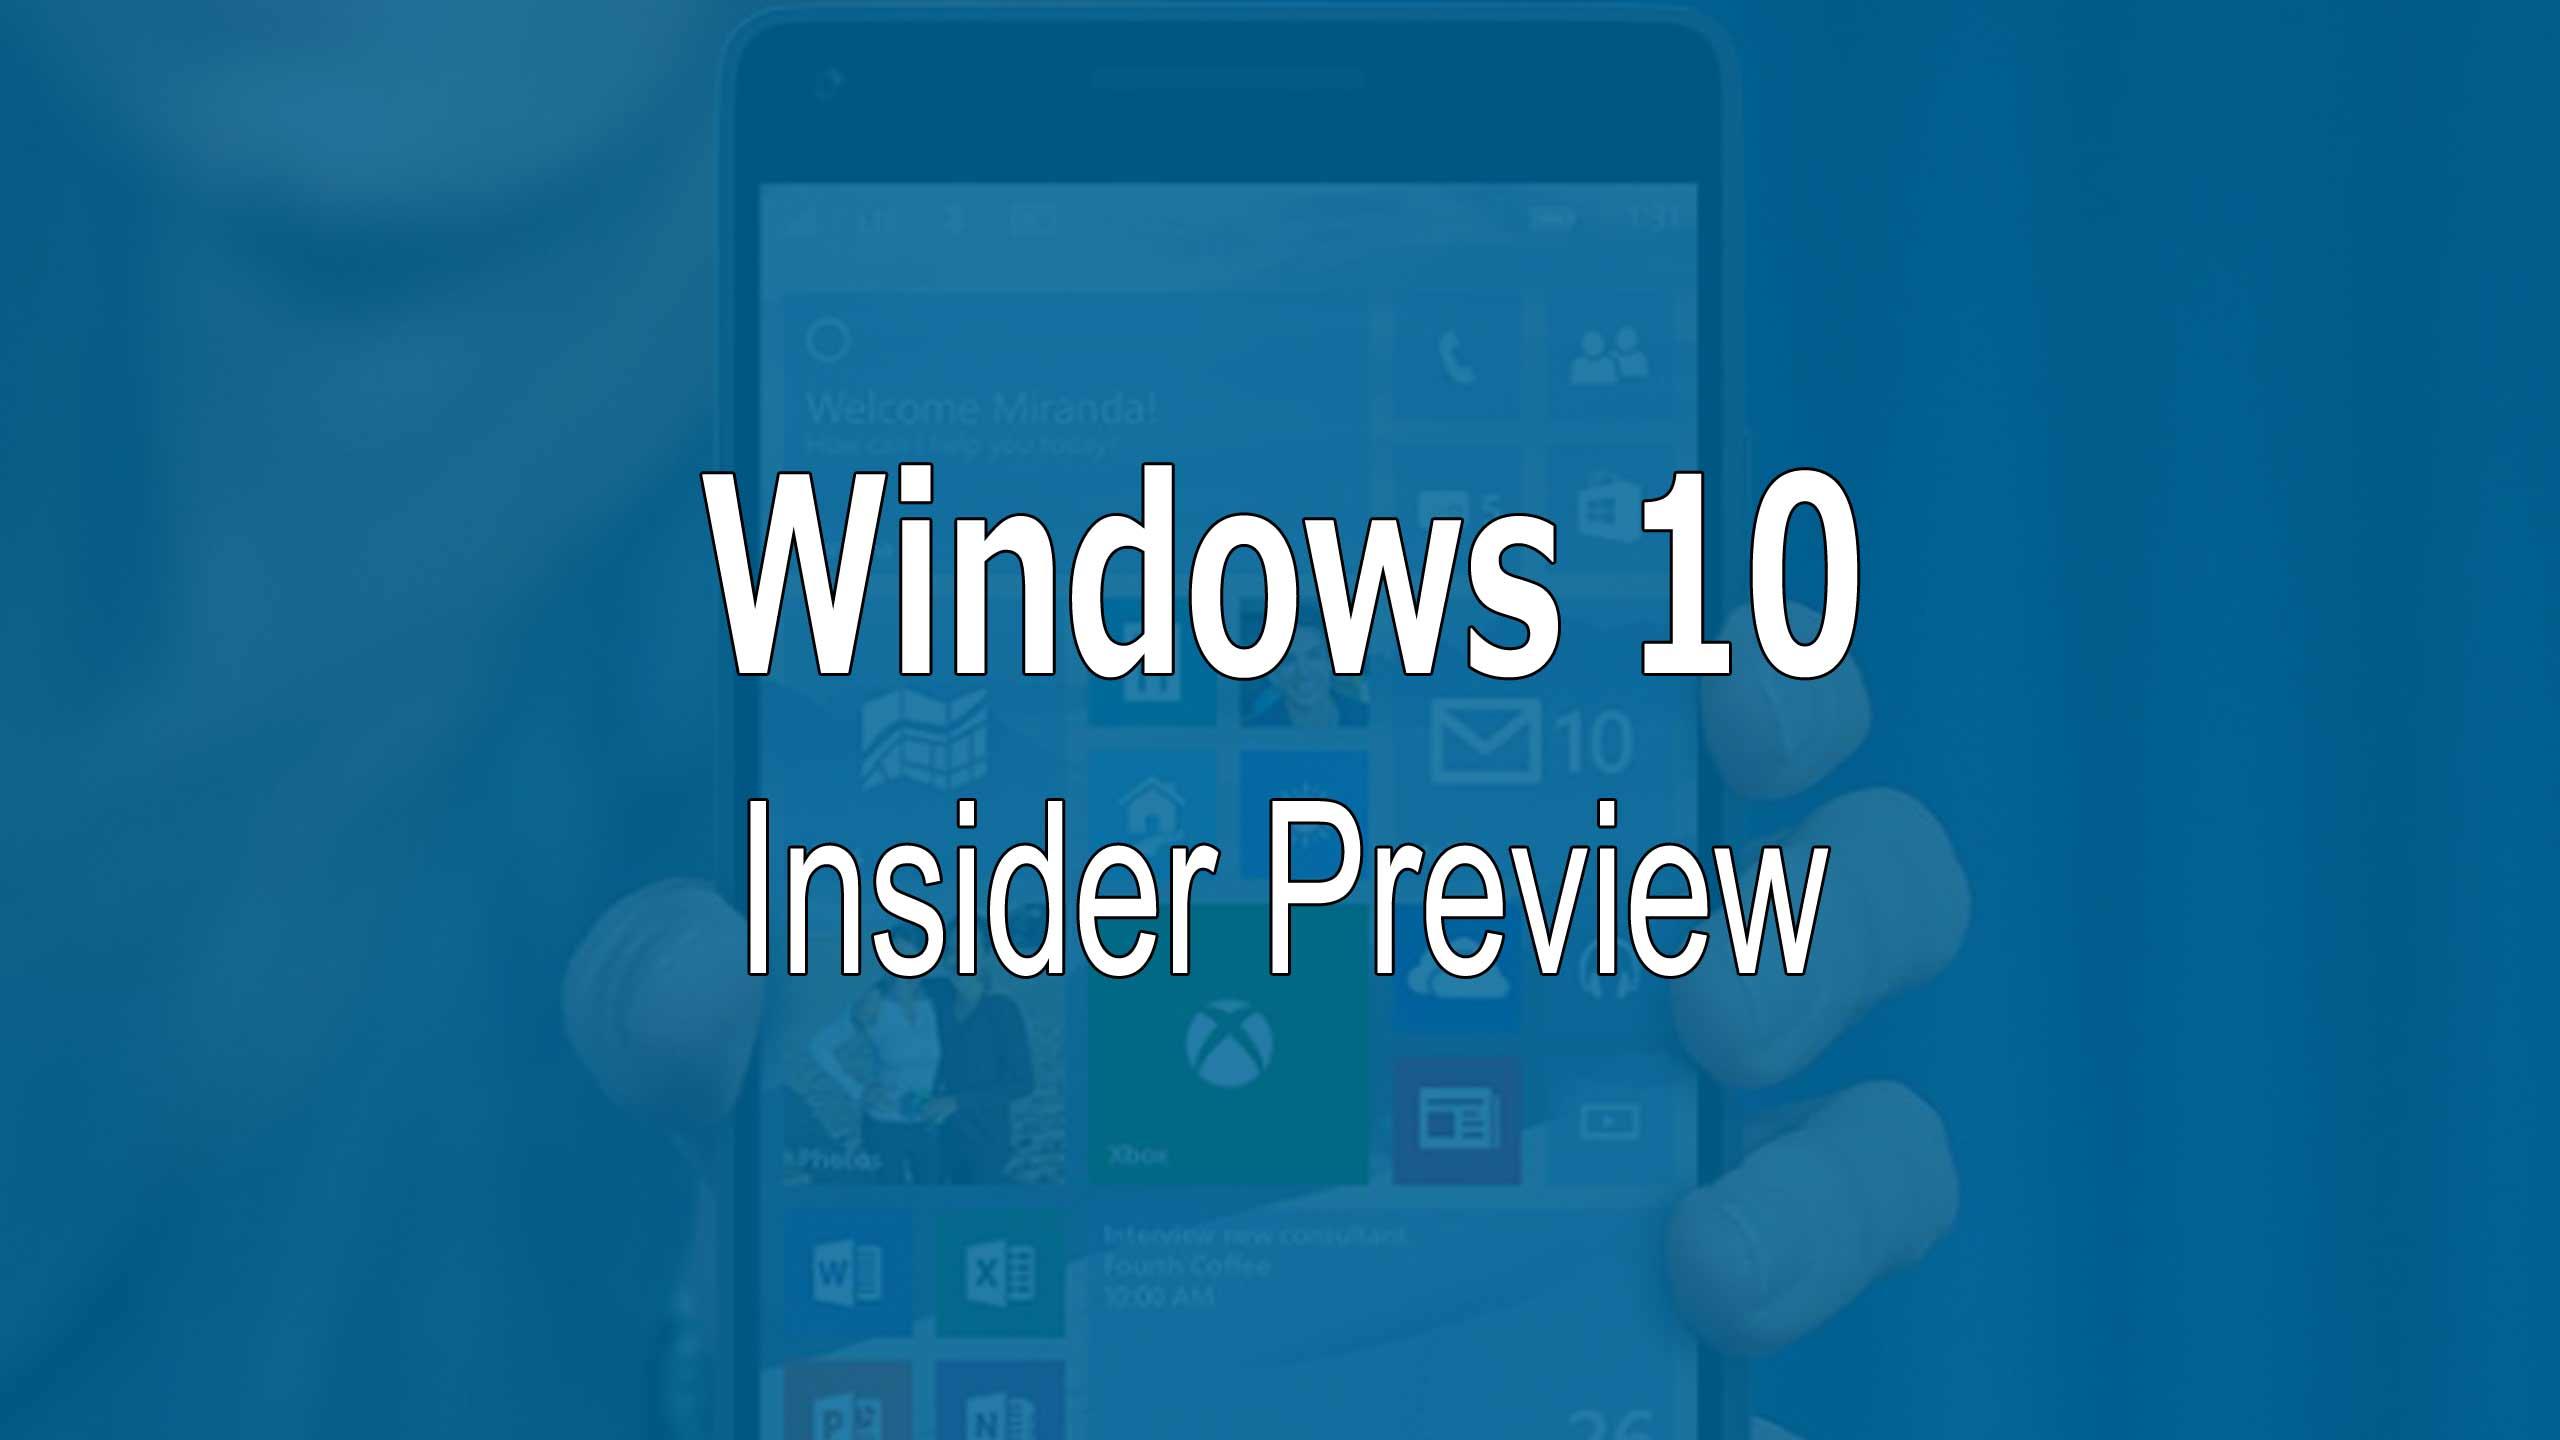 novit e fix della build 10572 di windows 10 mobile preview windowsteca blog. Black Bedroom Furniture Sets. Home Design Ideas